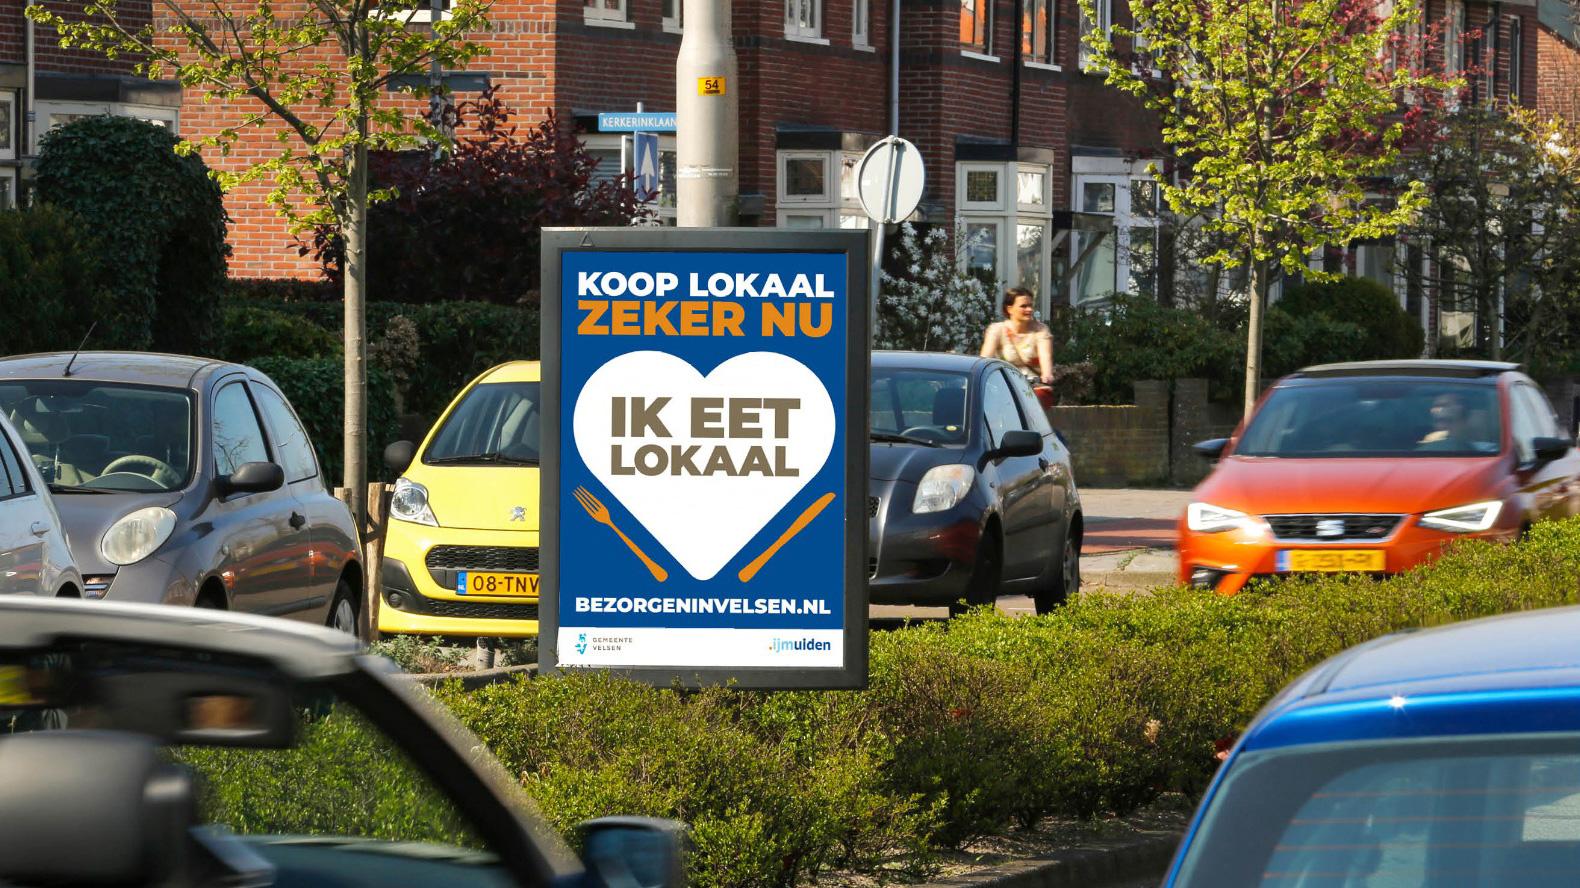 Bezorgeninvelsen.nl